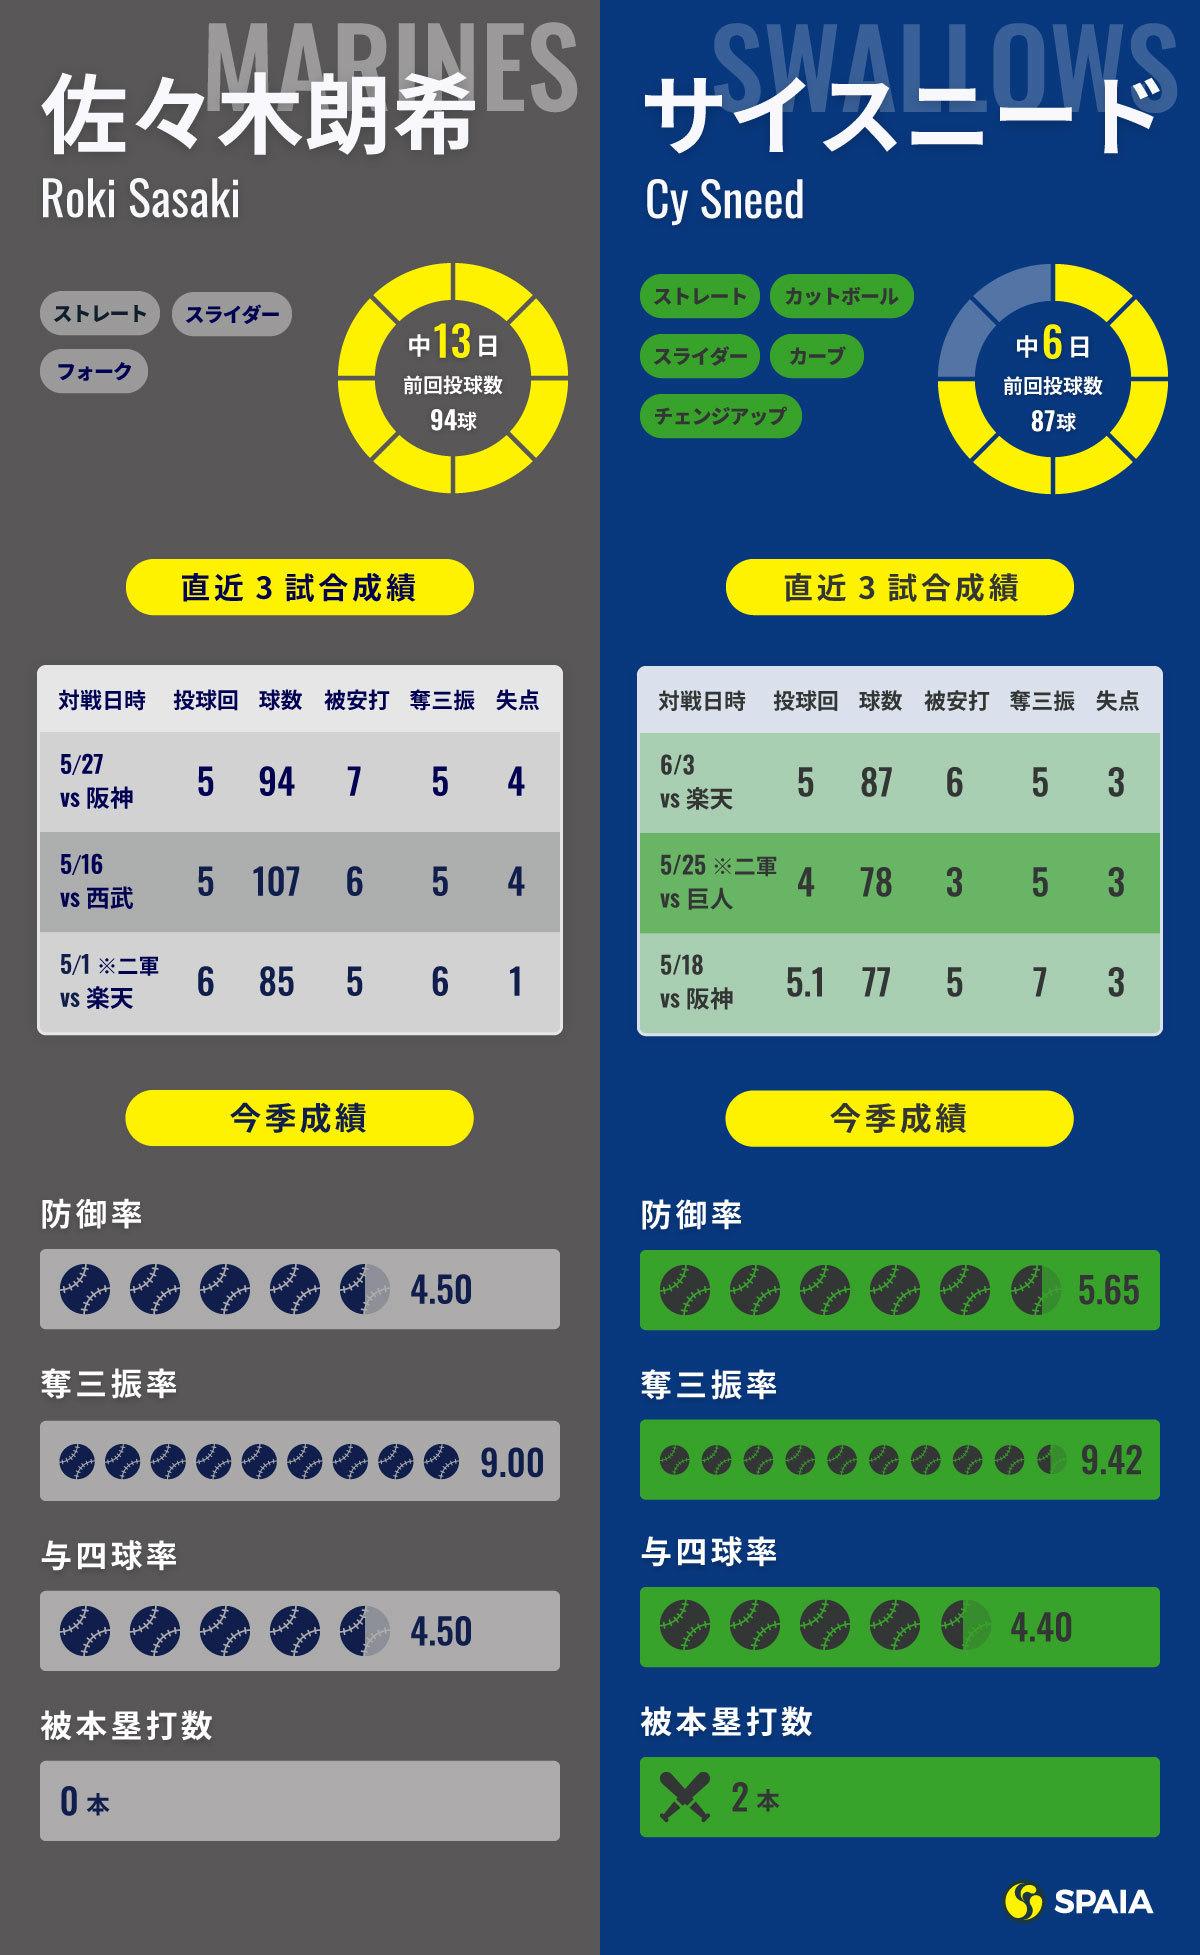 6月10日予告先発インフォグラフィック